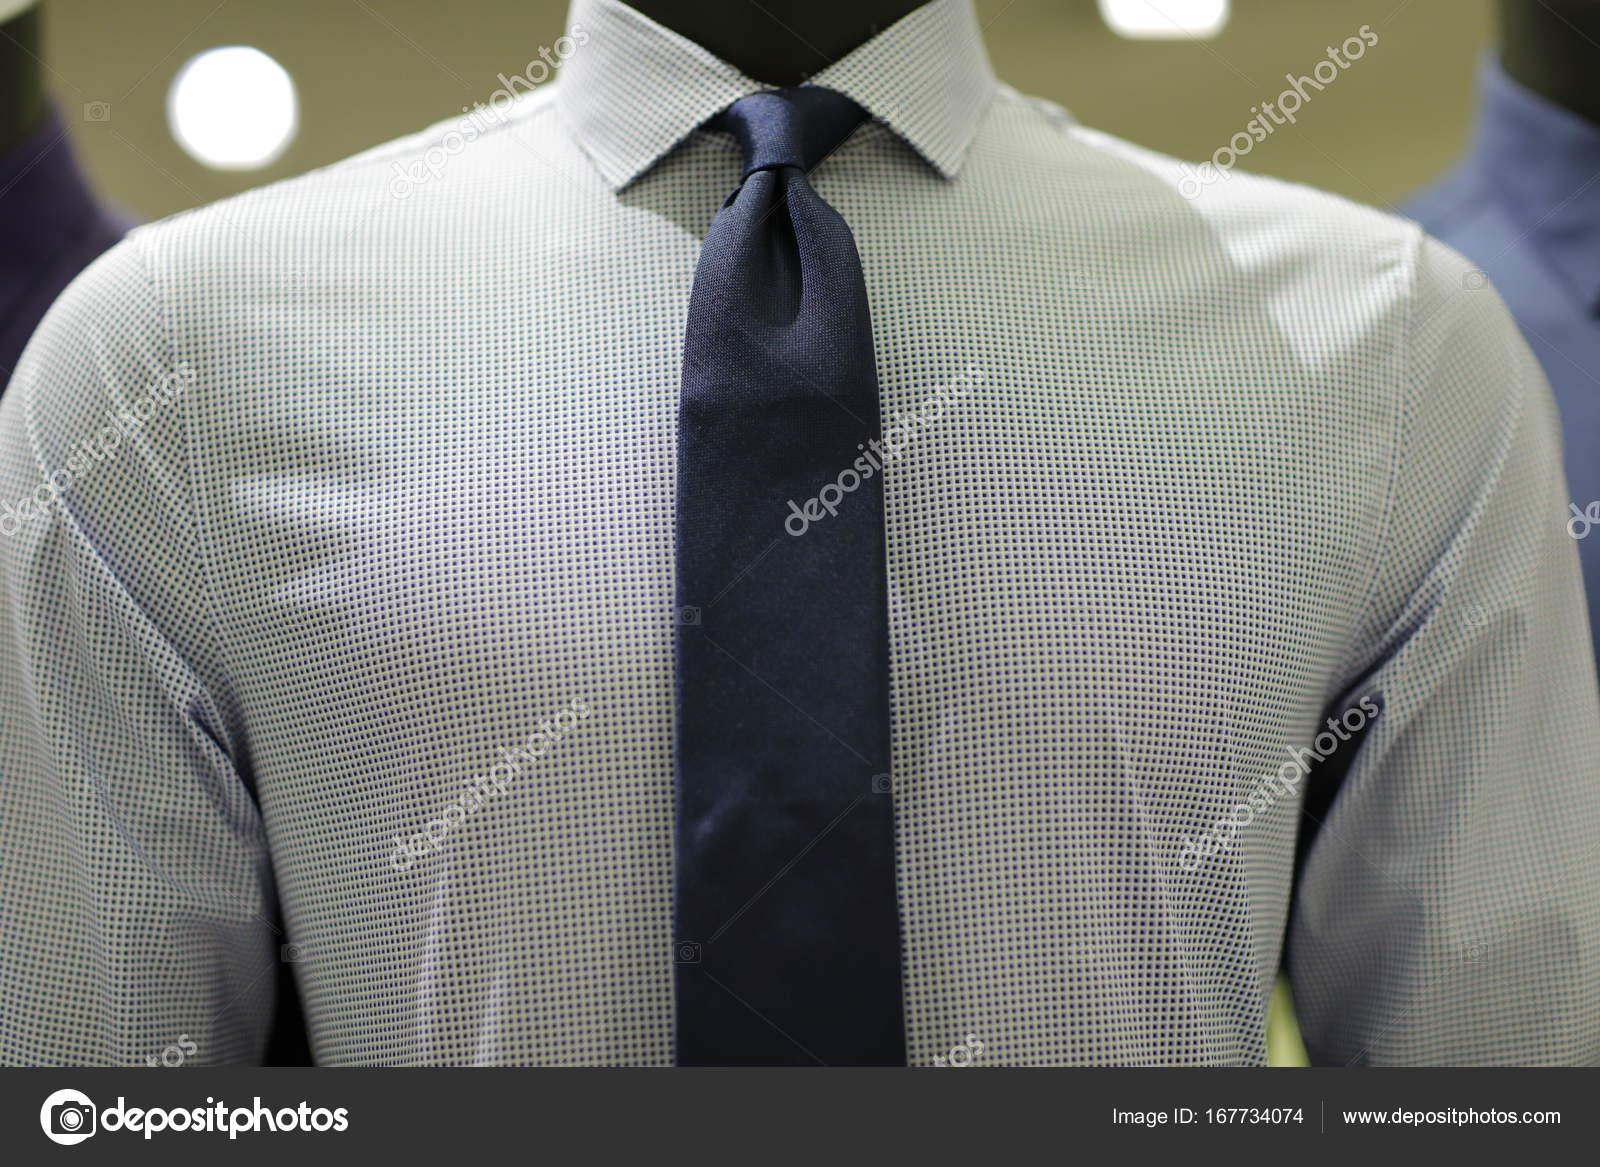 83680ff886da Ανδρικά επαγγελματικά πουκάμισο και γραβάτα — Φωτογραφία Αρχείου ...